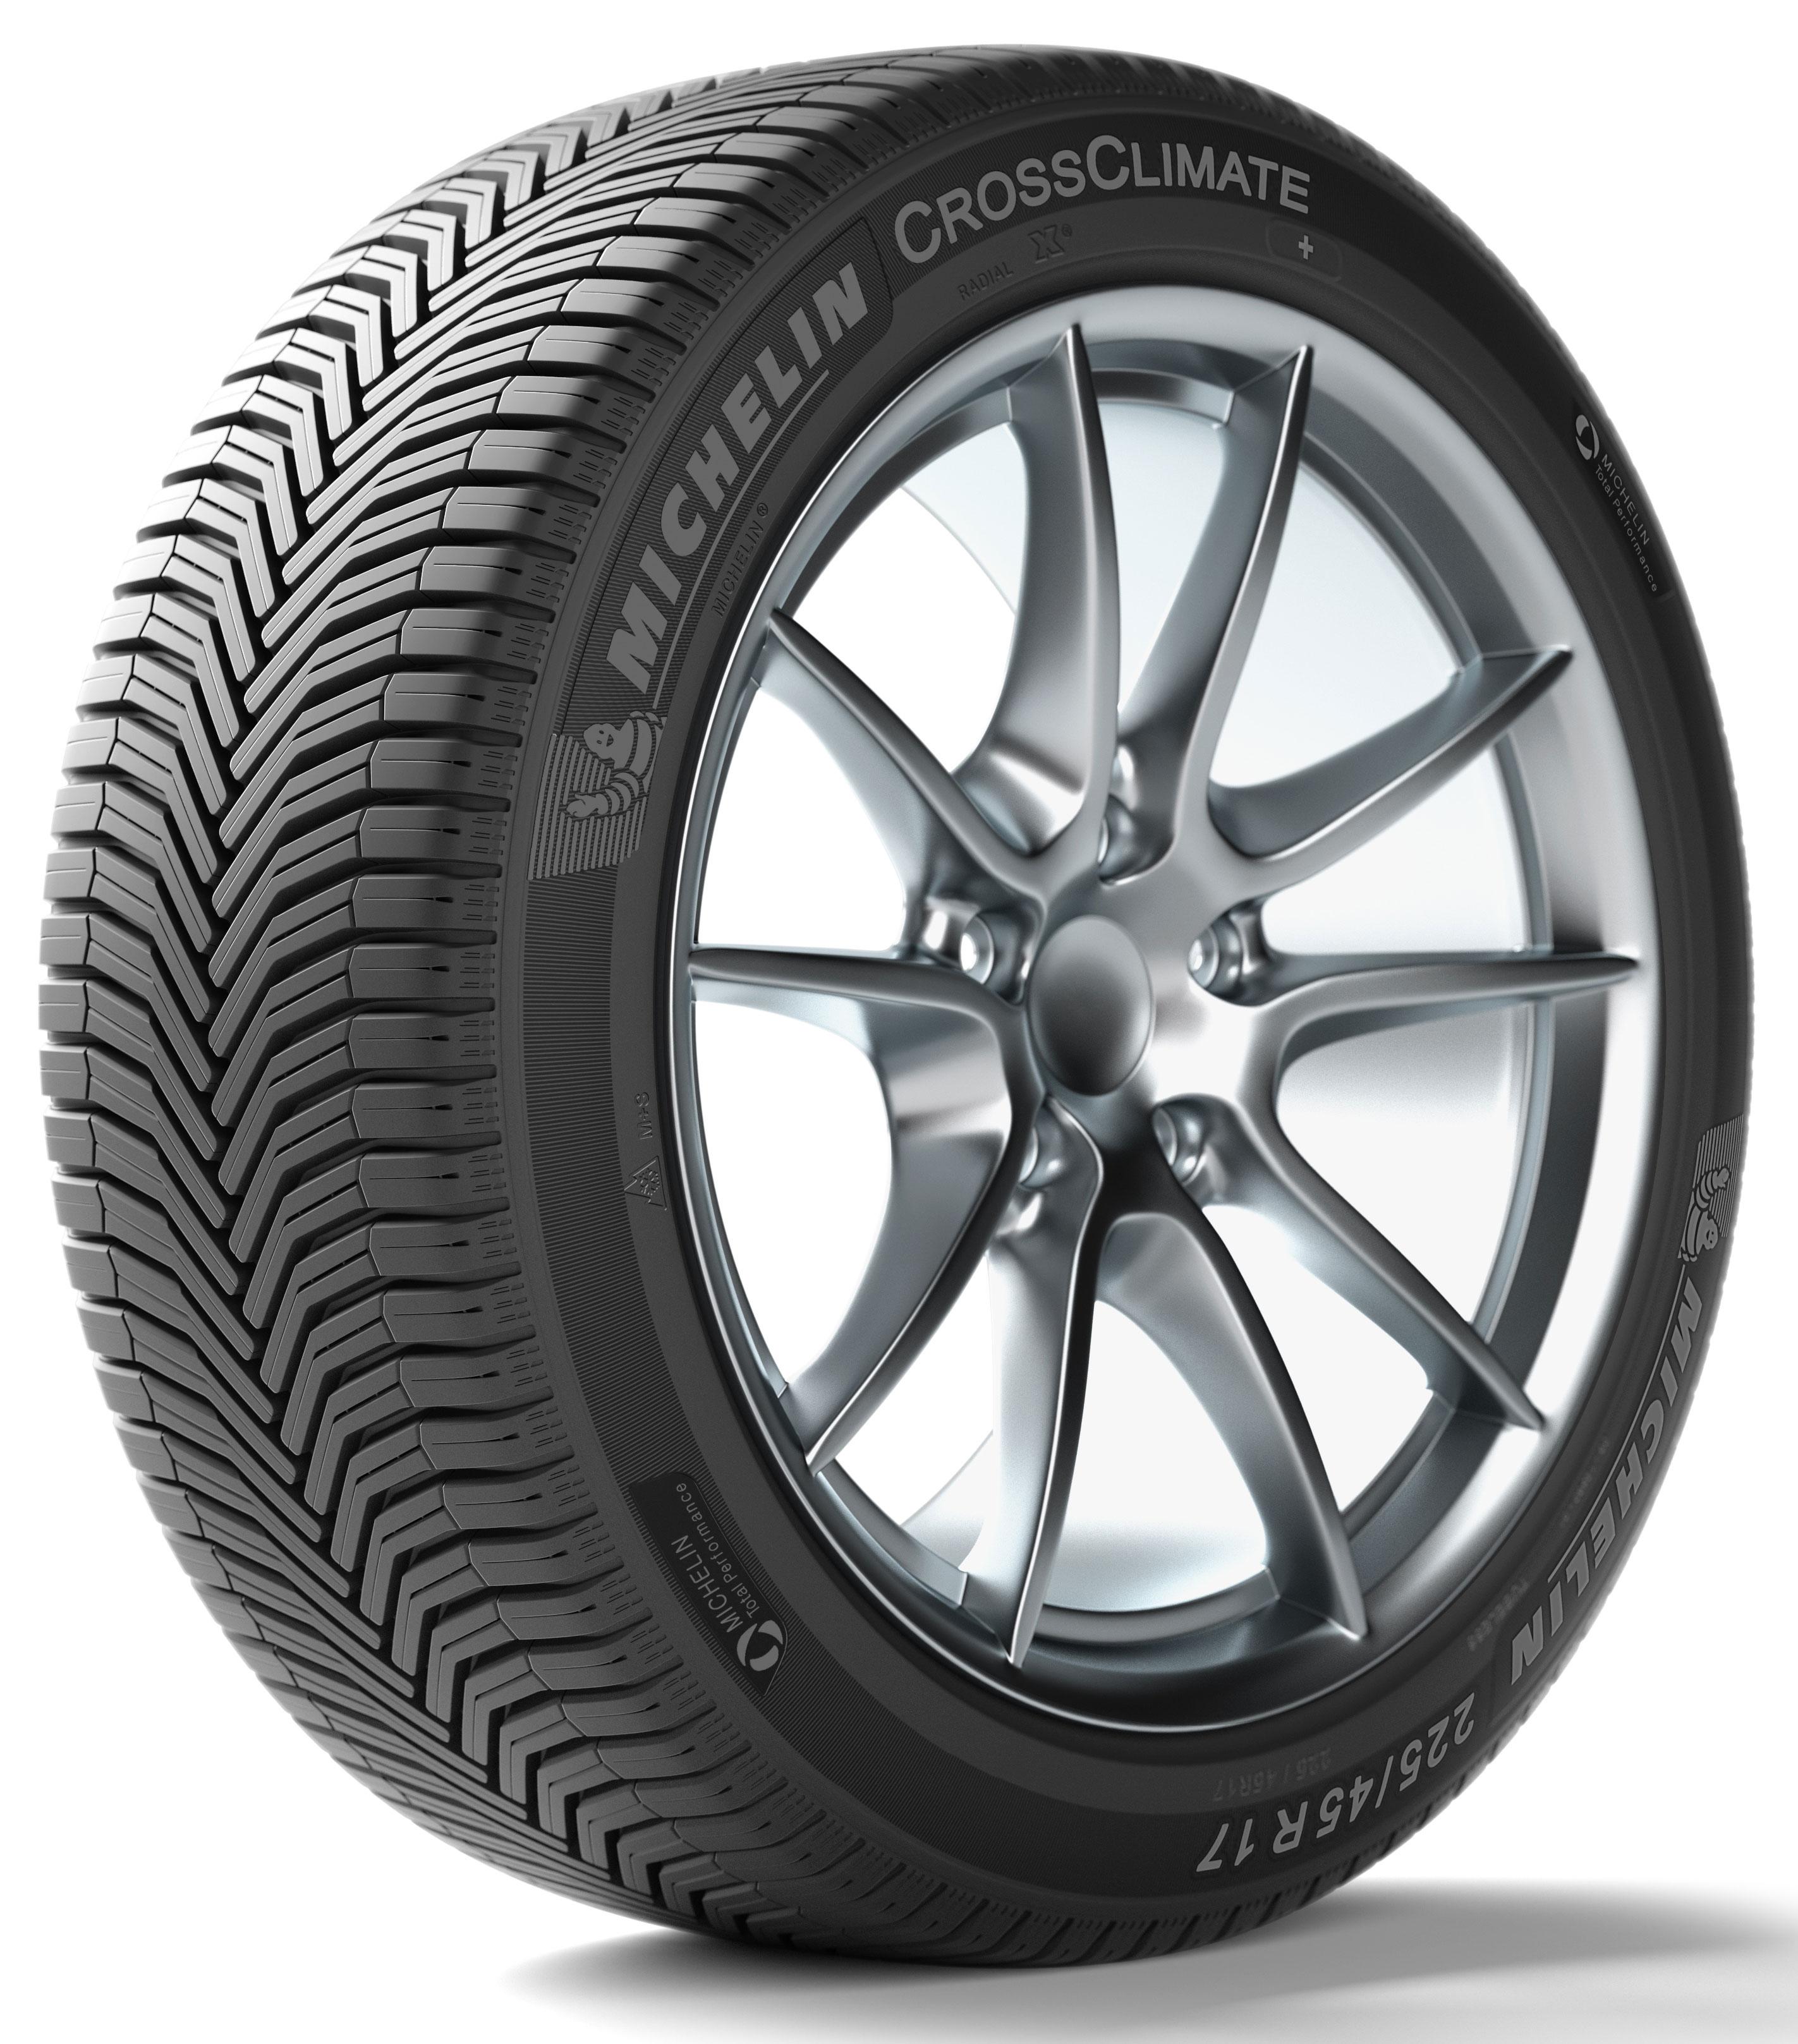 Michelin CrossClimate+ XL 225/50 R17 98V négyévszakos gumi